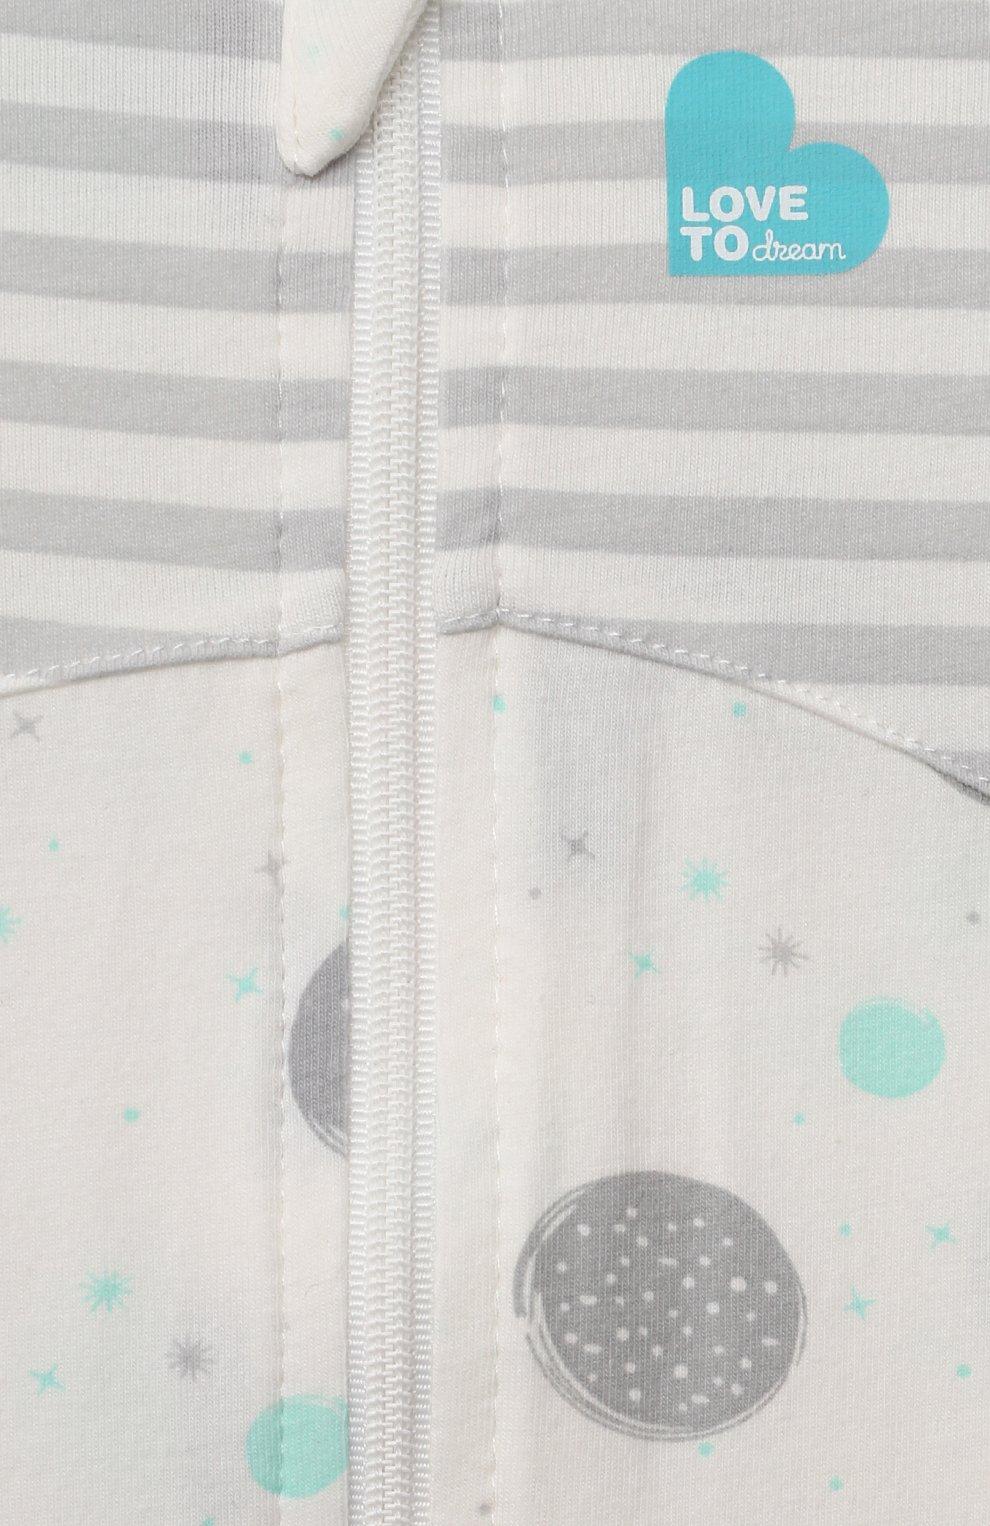 Детский комбинезон-конструктор для переходного этапа LOVE TO DREAM белого цвета, арт. L25 02 085 WHT XL | Фото 5 (Рукава: Короткие; Материал внешний: Хлопок; Ростовка одежда: 12 мес | 80 см)